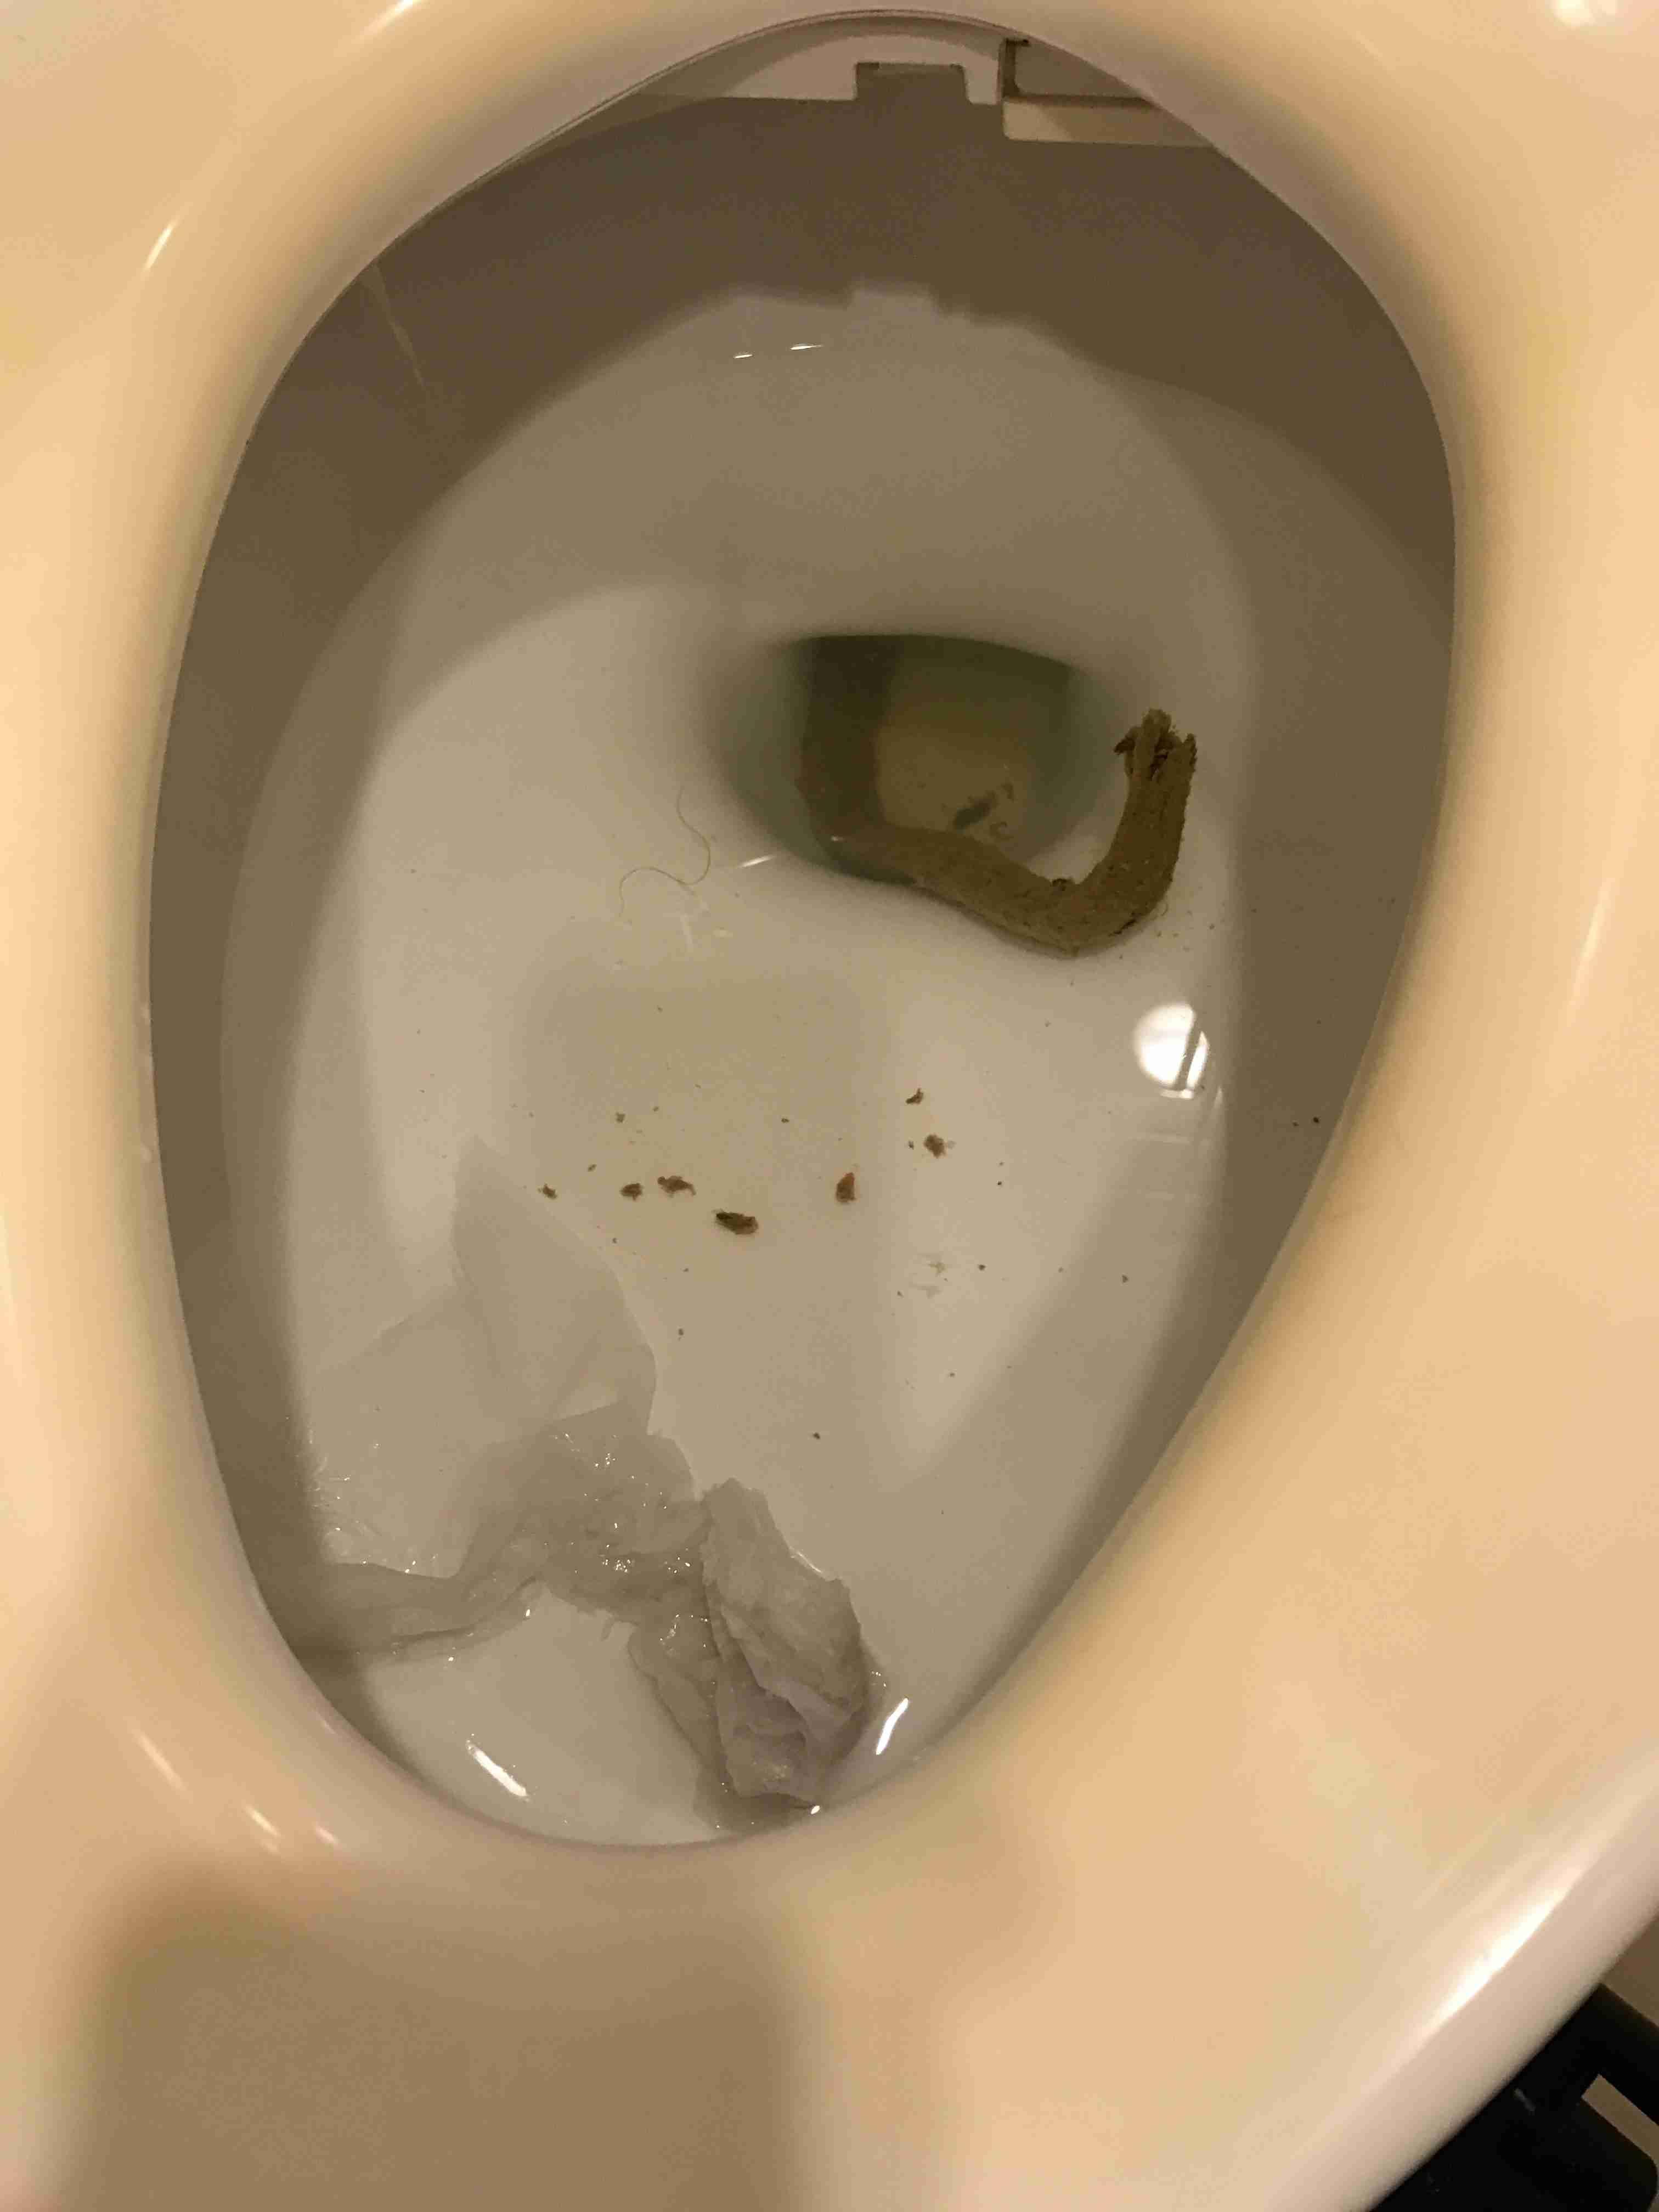 コンビニでトイレを借りた際「ガムを買う」のは迷惑?